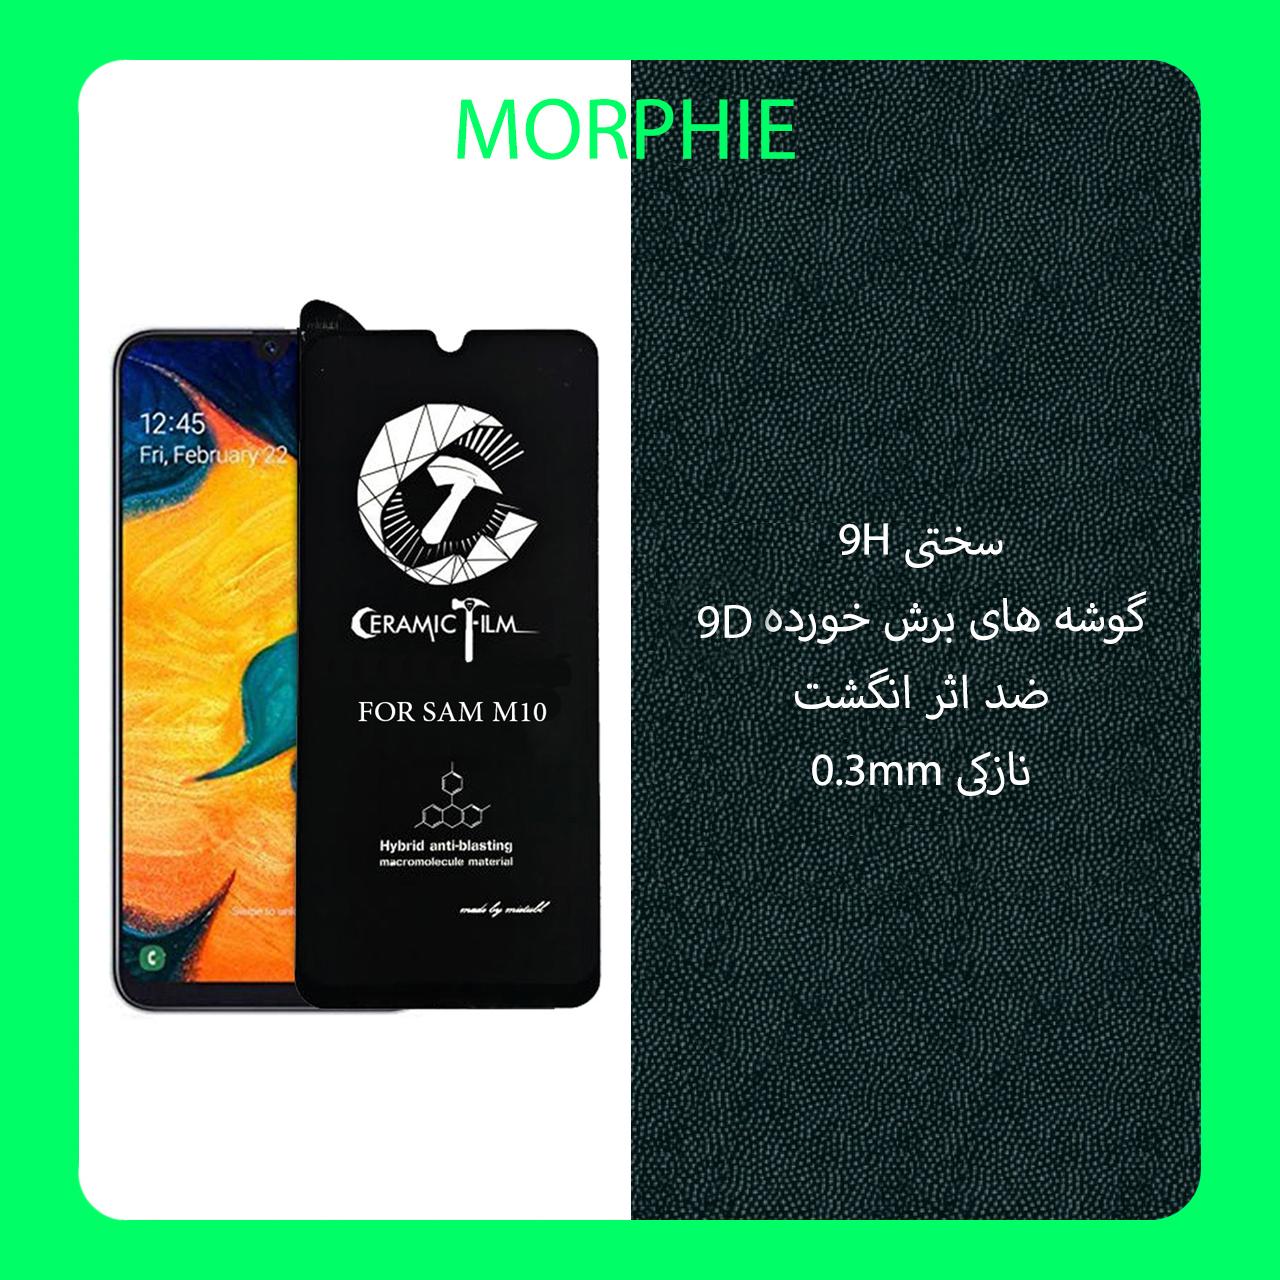 محافظ صفحه نمایش سرامیکی مورفی مدل MEIC_2 مناسب برای گوشی موبایل سامسونگ Galaxy M10 بسته 2 عددی